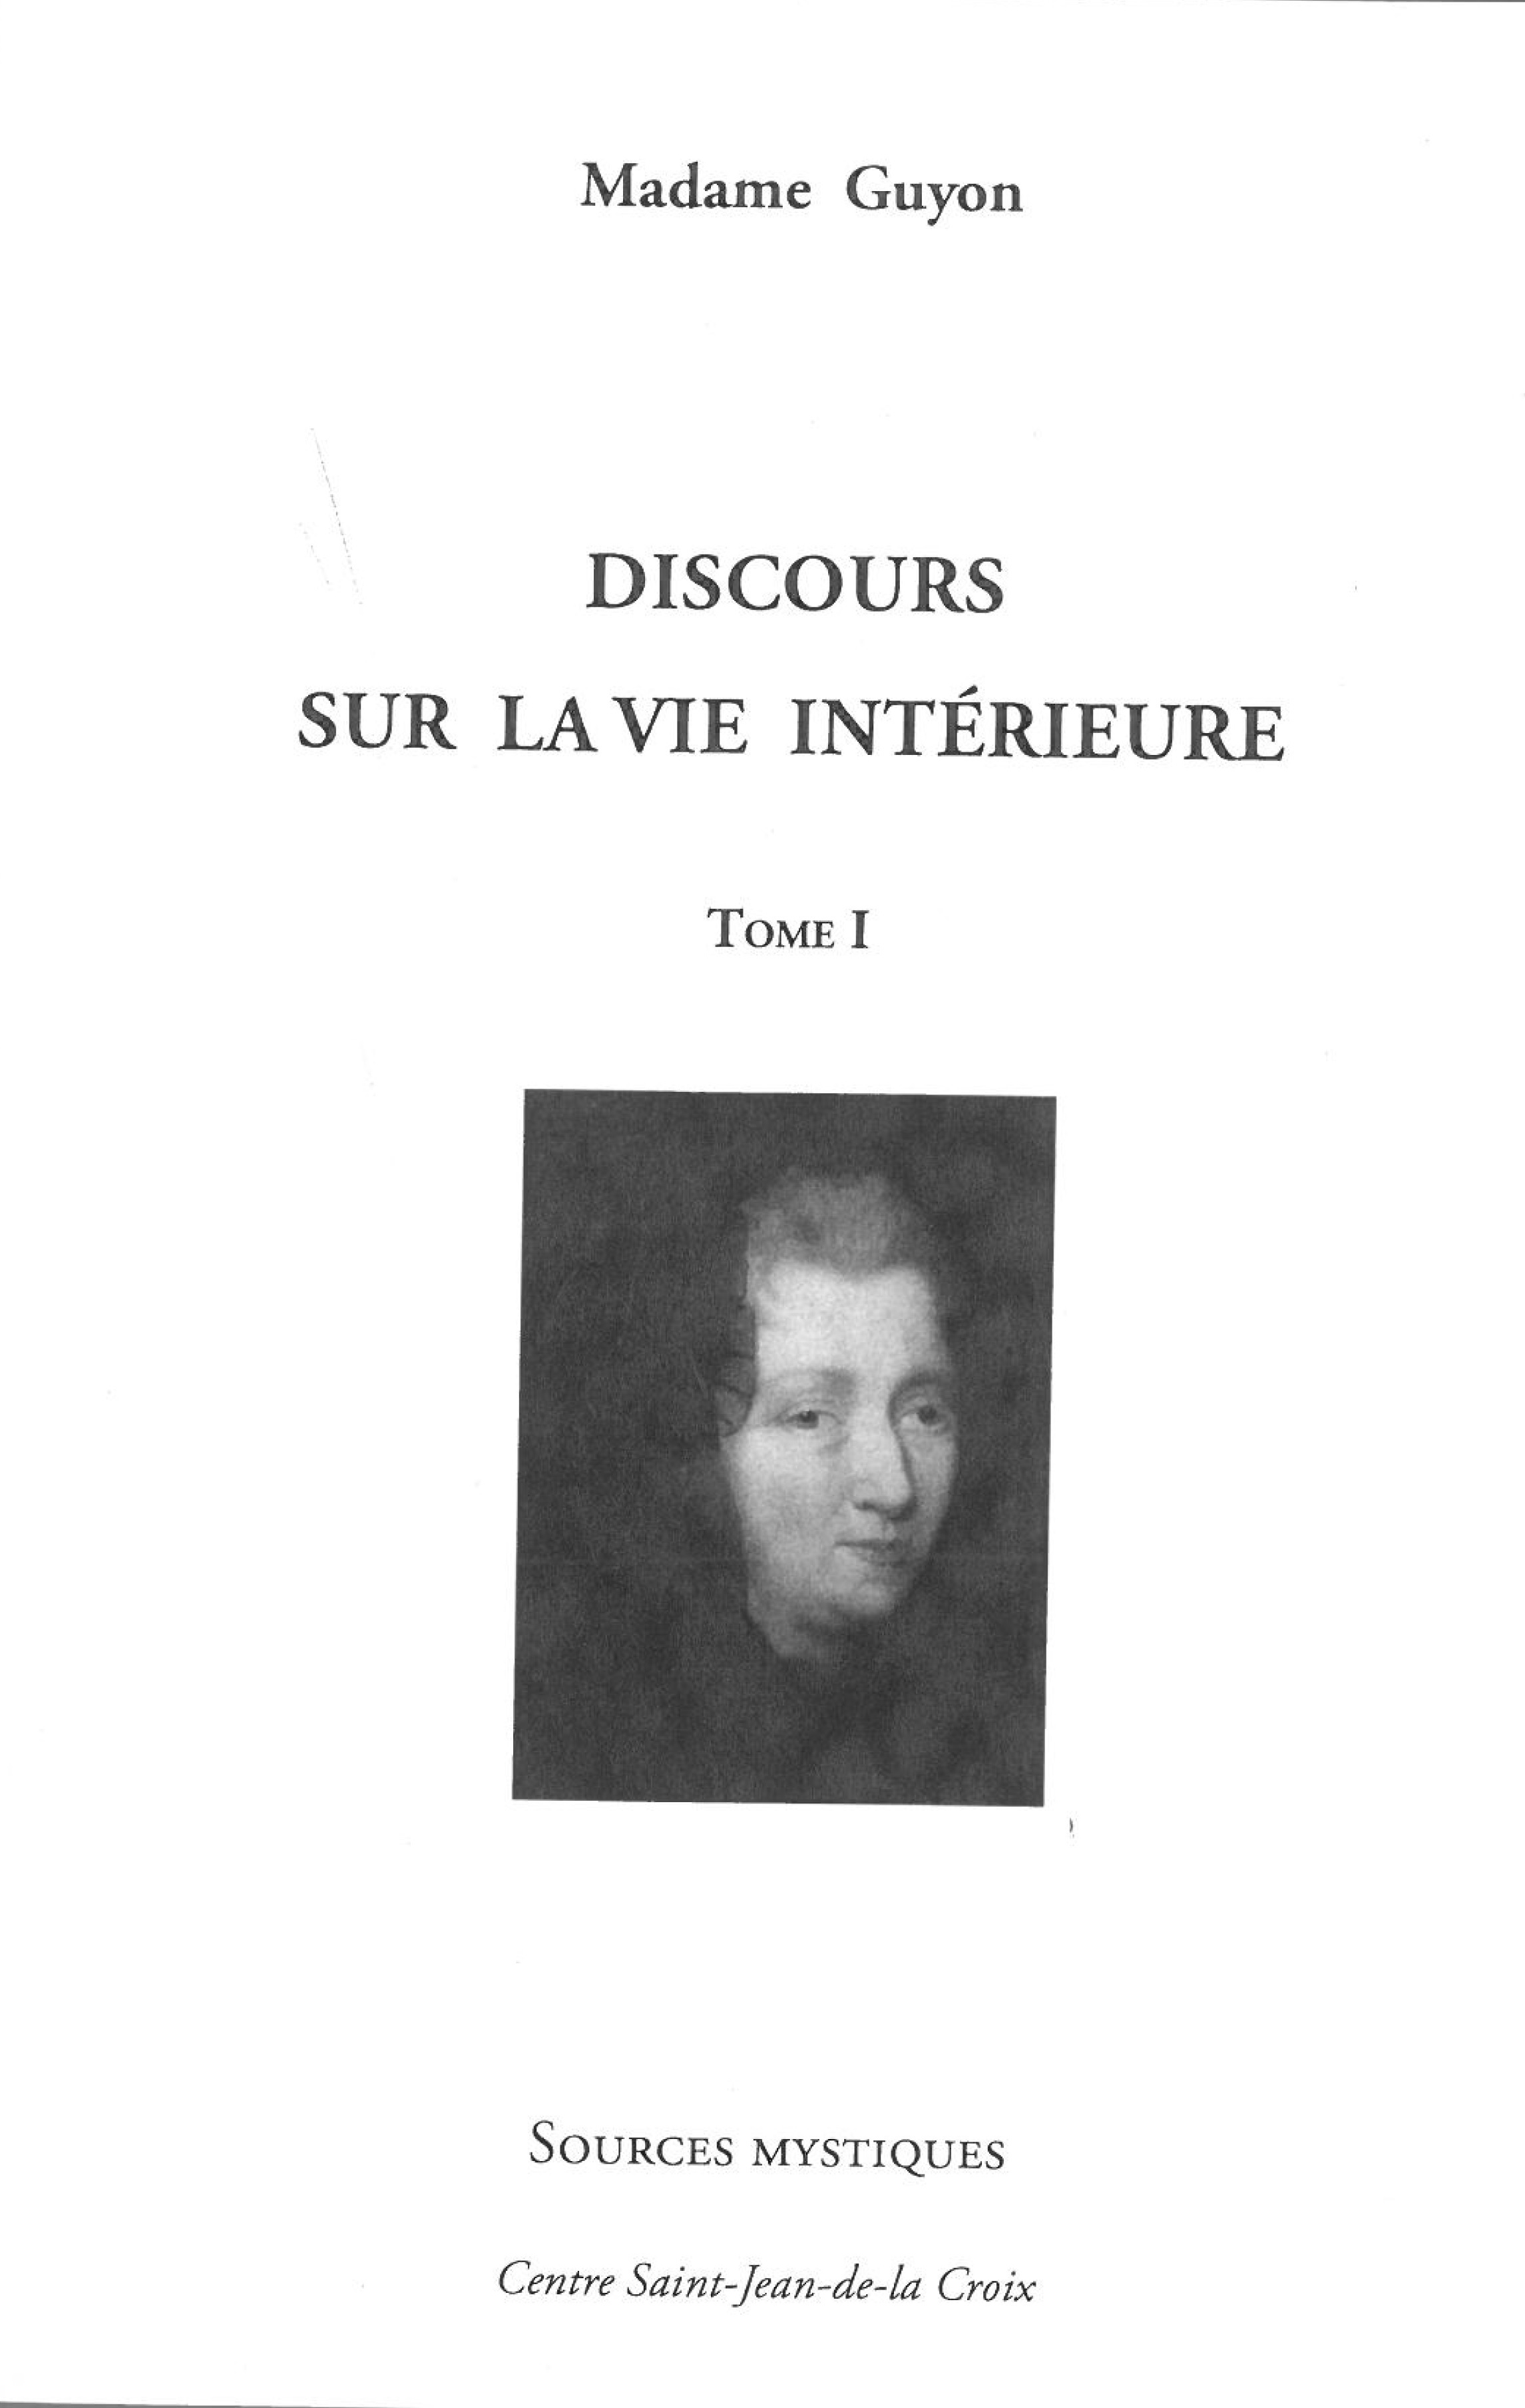 DISCOURS SUR LA VIE INTERIEURE TOME 1